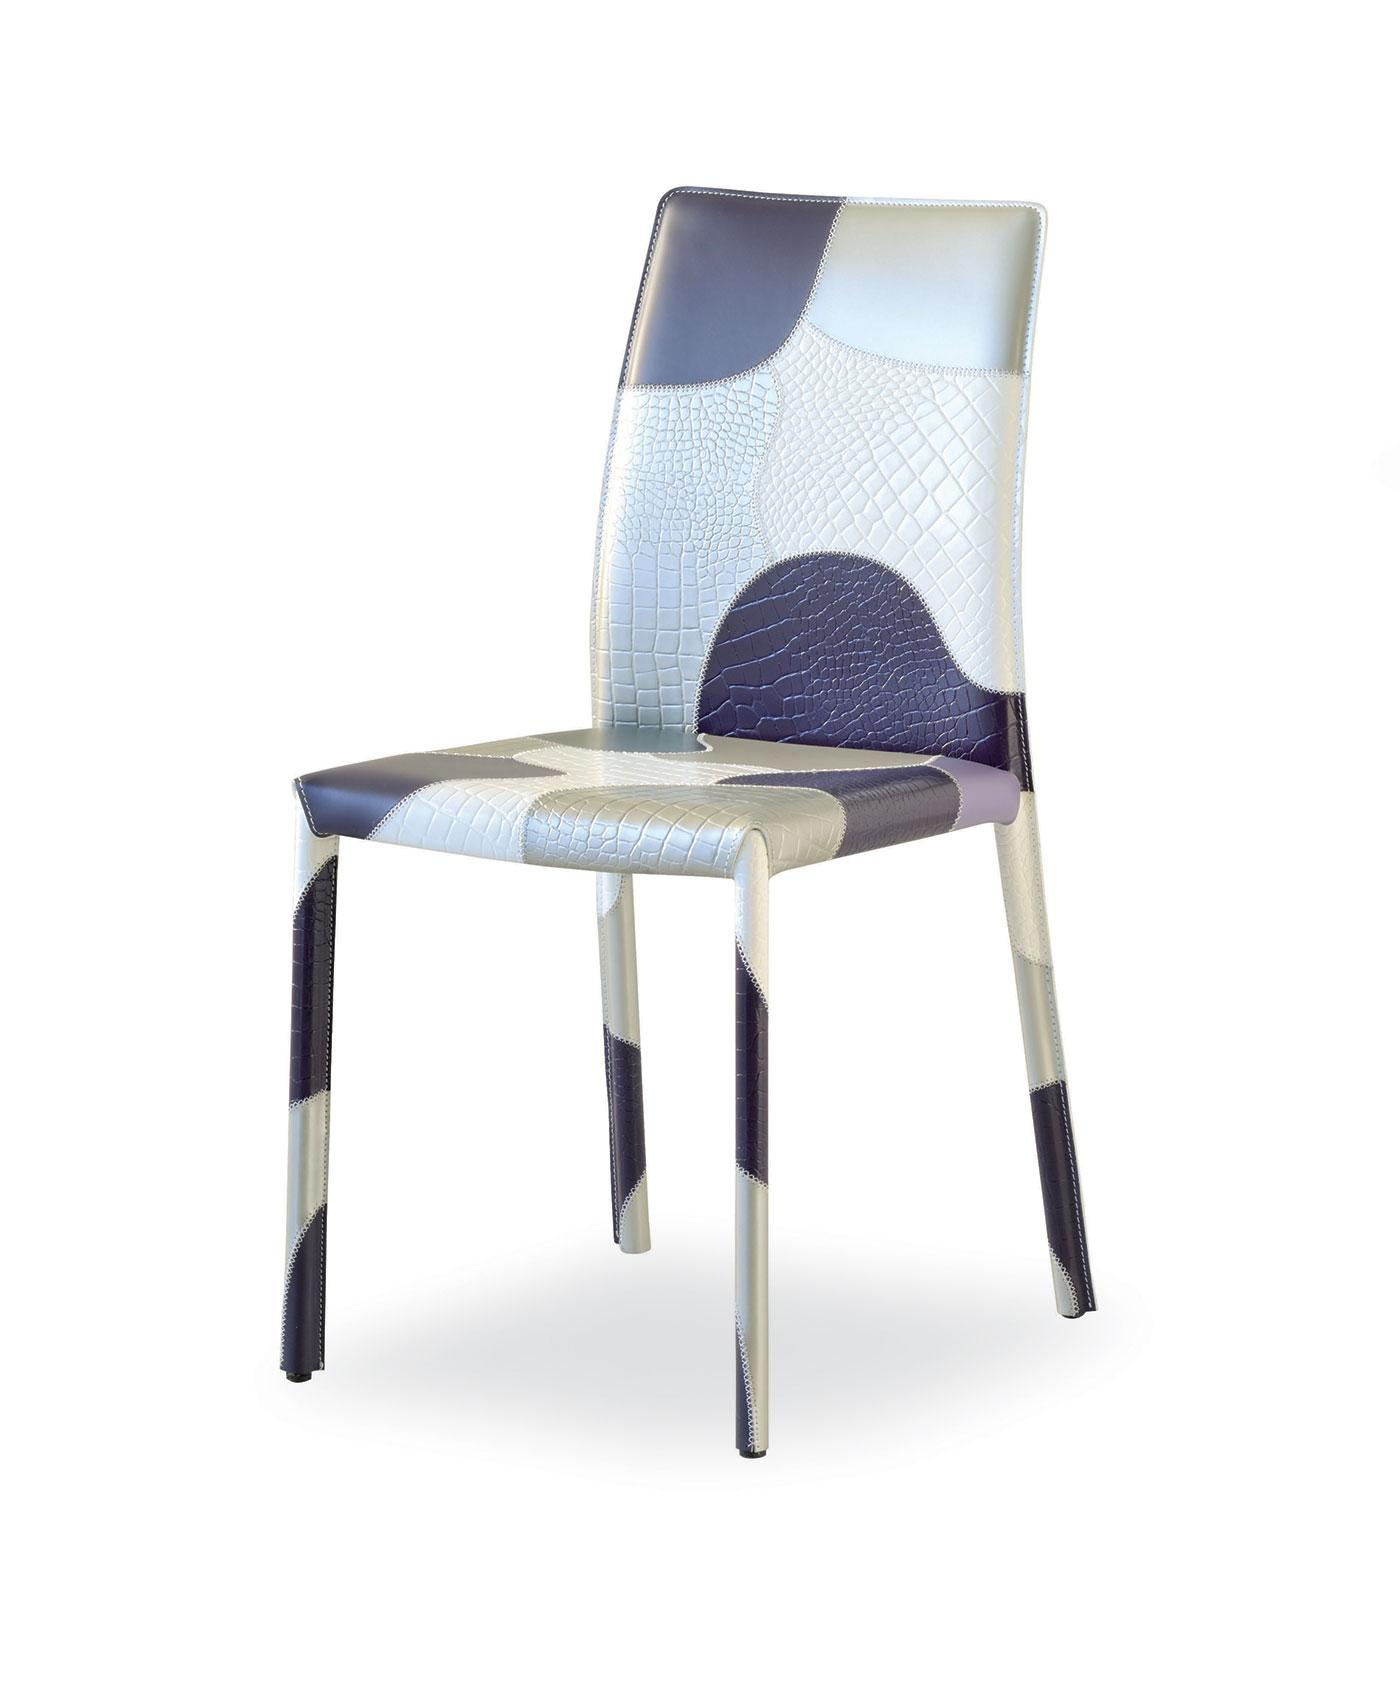 chaise cuisine rouge ensemble mosaique pers u rouge with chaise cuisine rouge elegant beliani. Black Bedroom Furniture Sets. Home Design Ideas